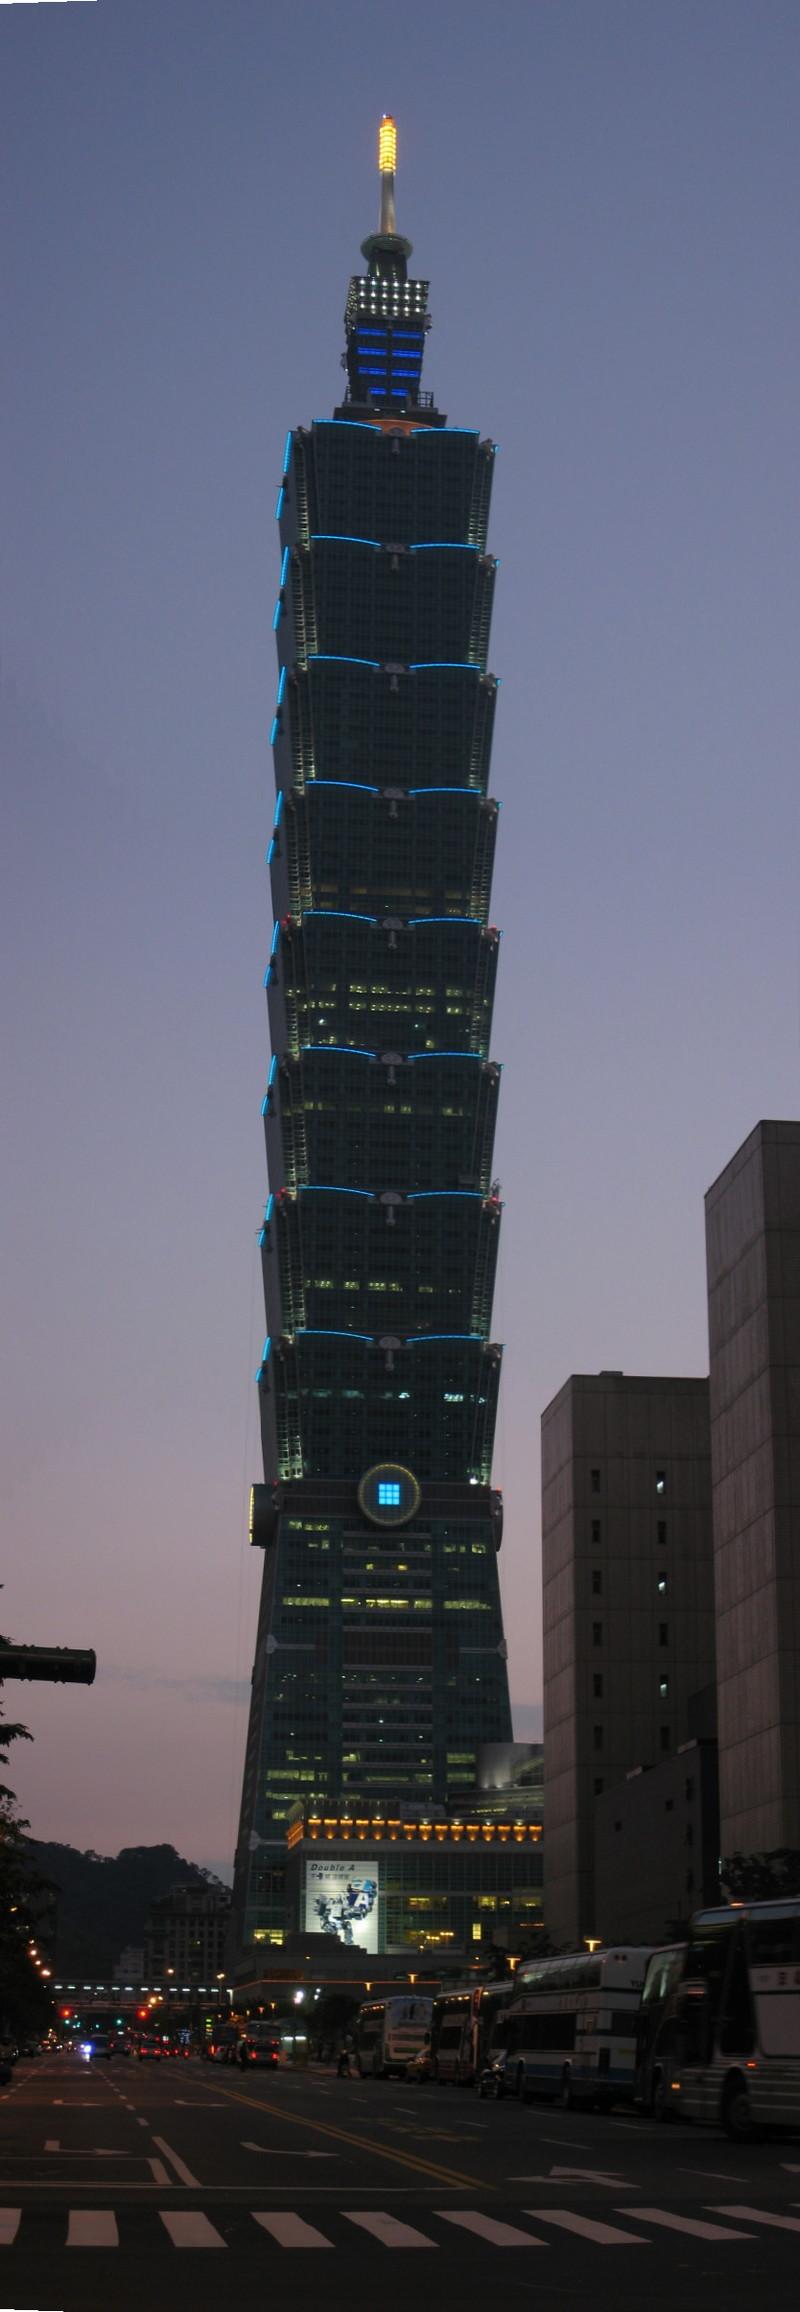 Taipei 101 Taipei  SkyscraperPagecom